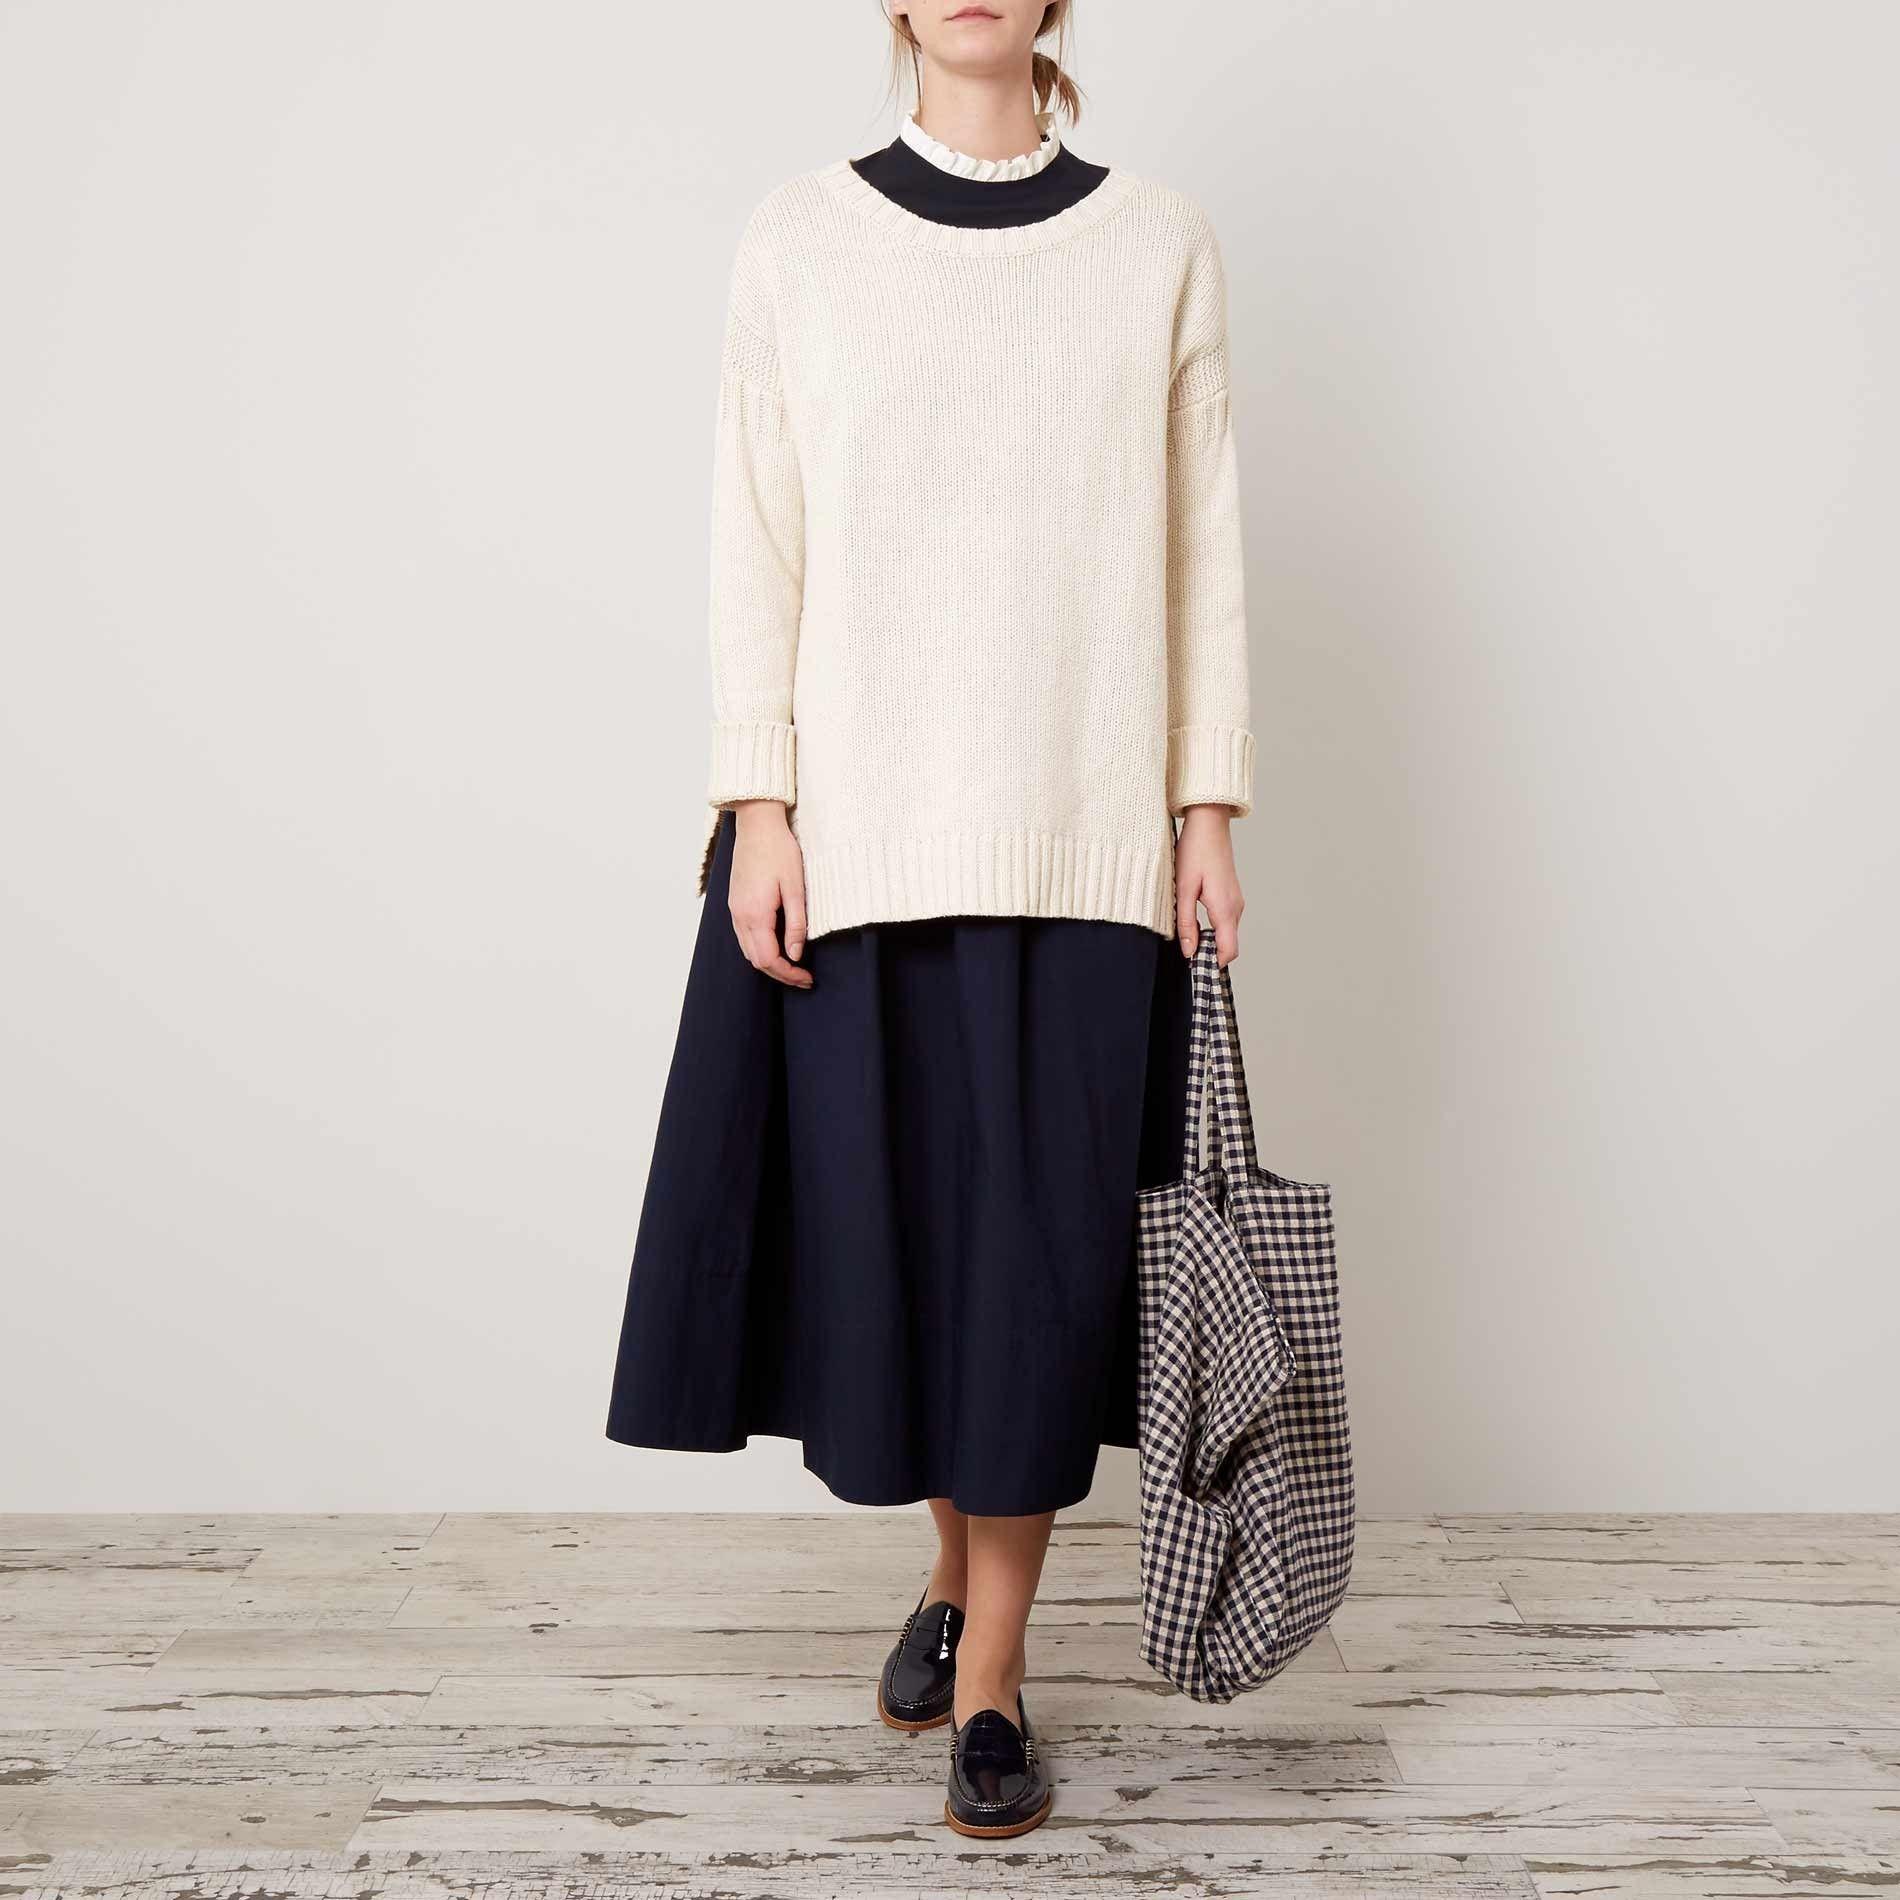 Warm White Netty Sweater | Knitting Inspiration | Pinterest